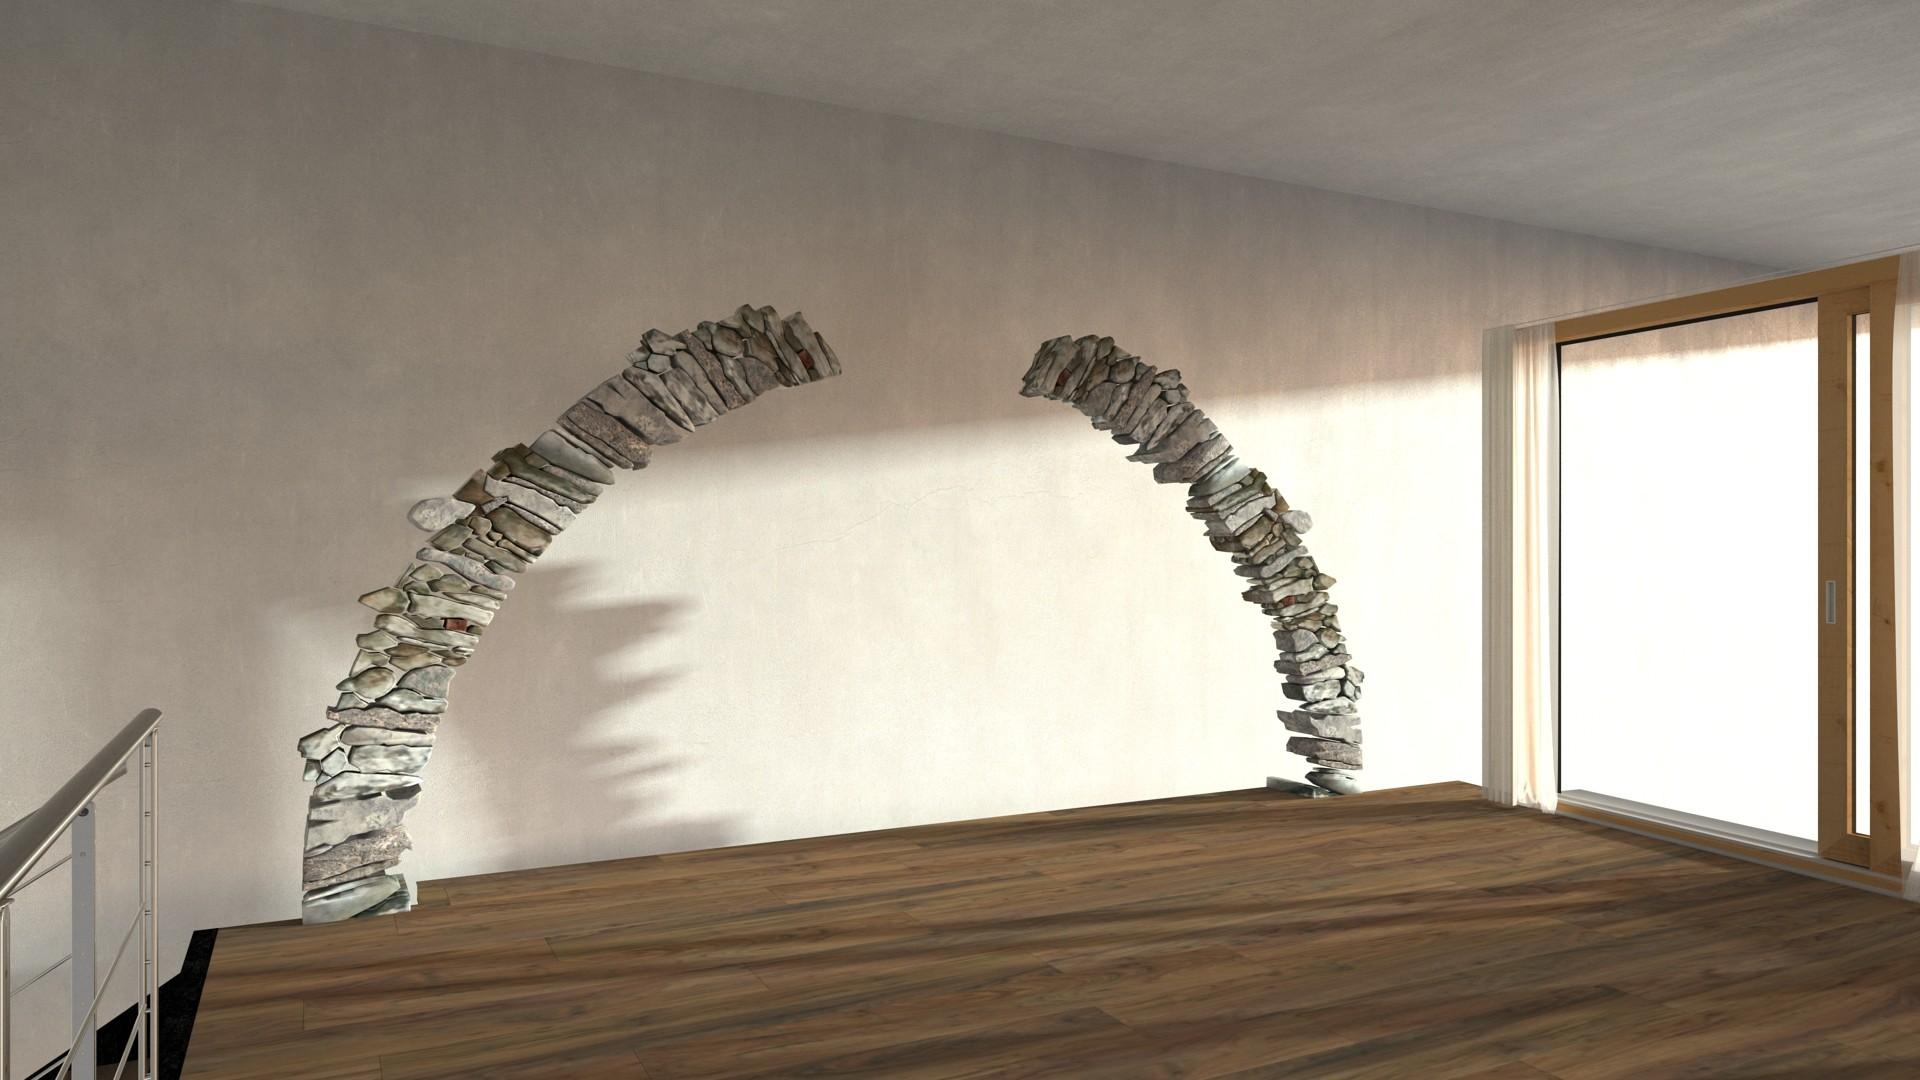 Duane kemp rivendell salon arch demo scene 100